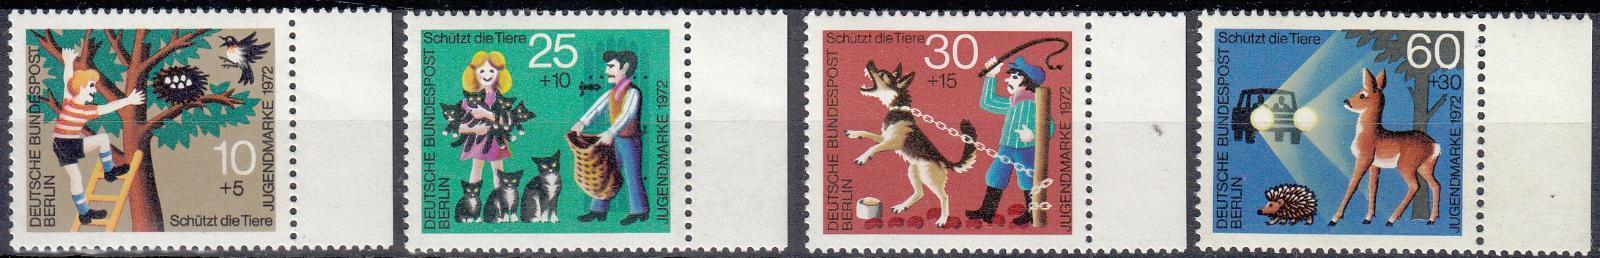 Západní Berlín / West Berlin 1972 Mi.418-421 MNH **